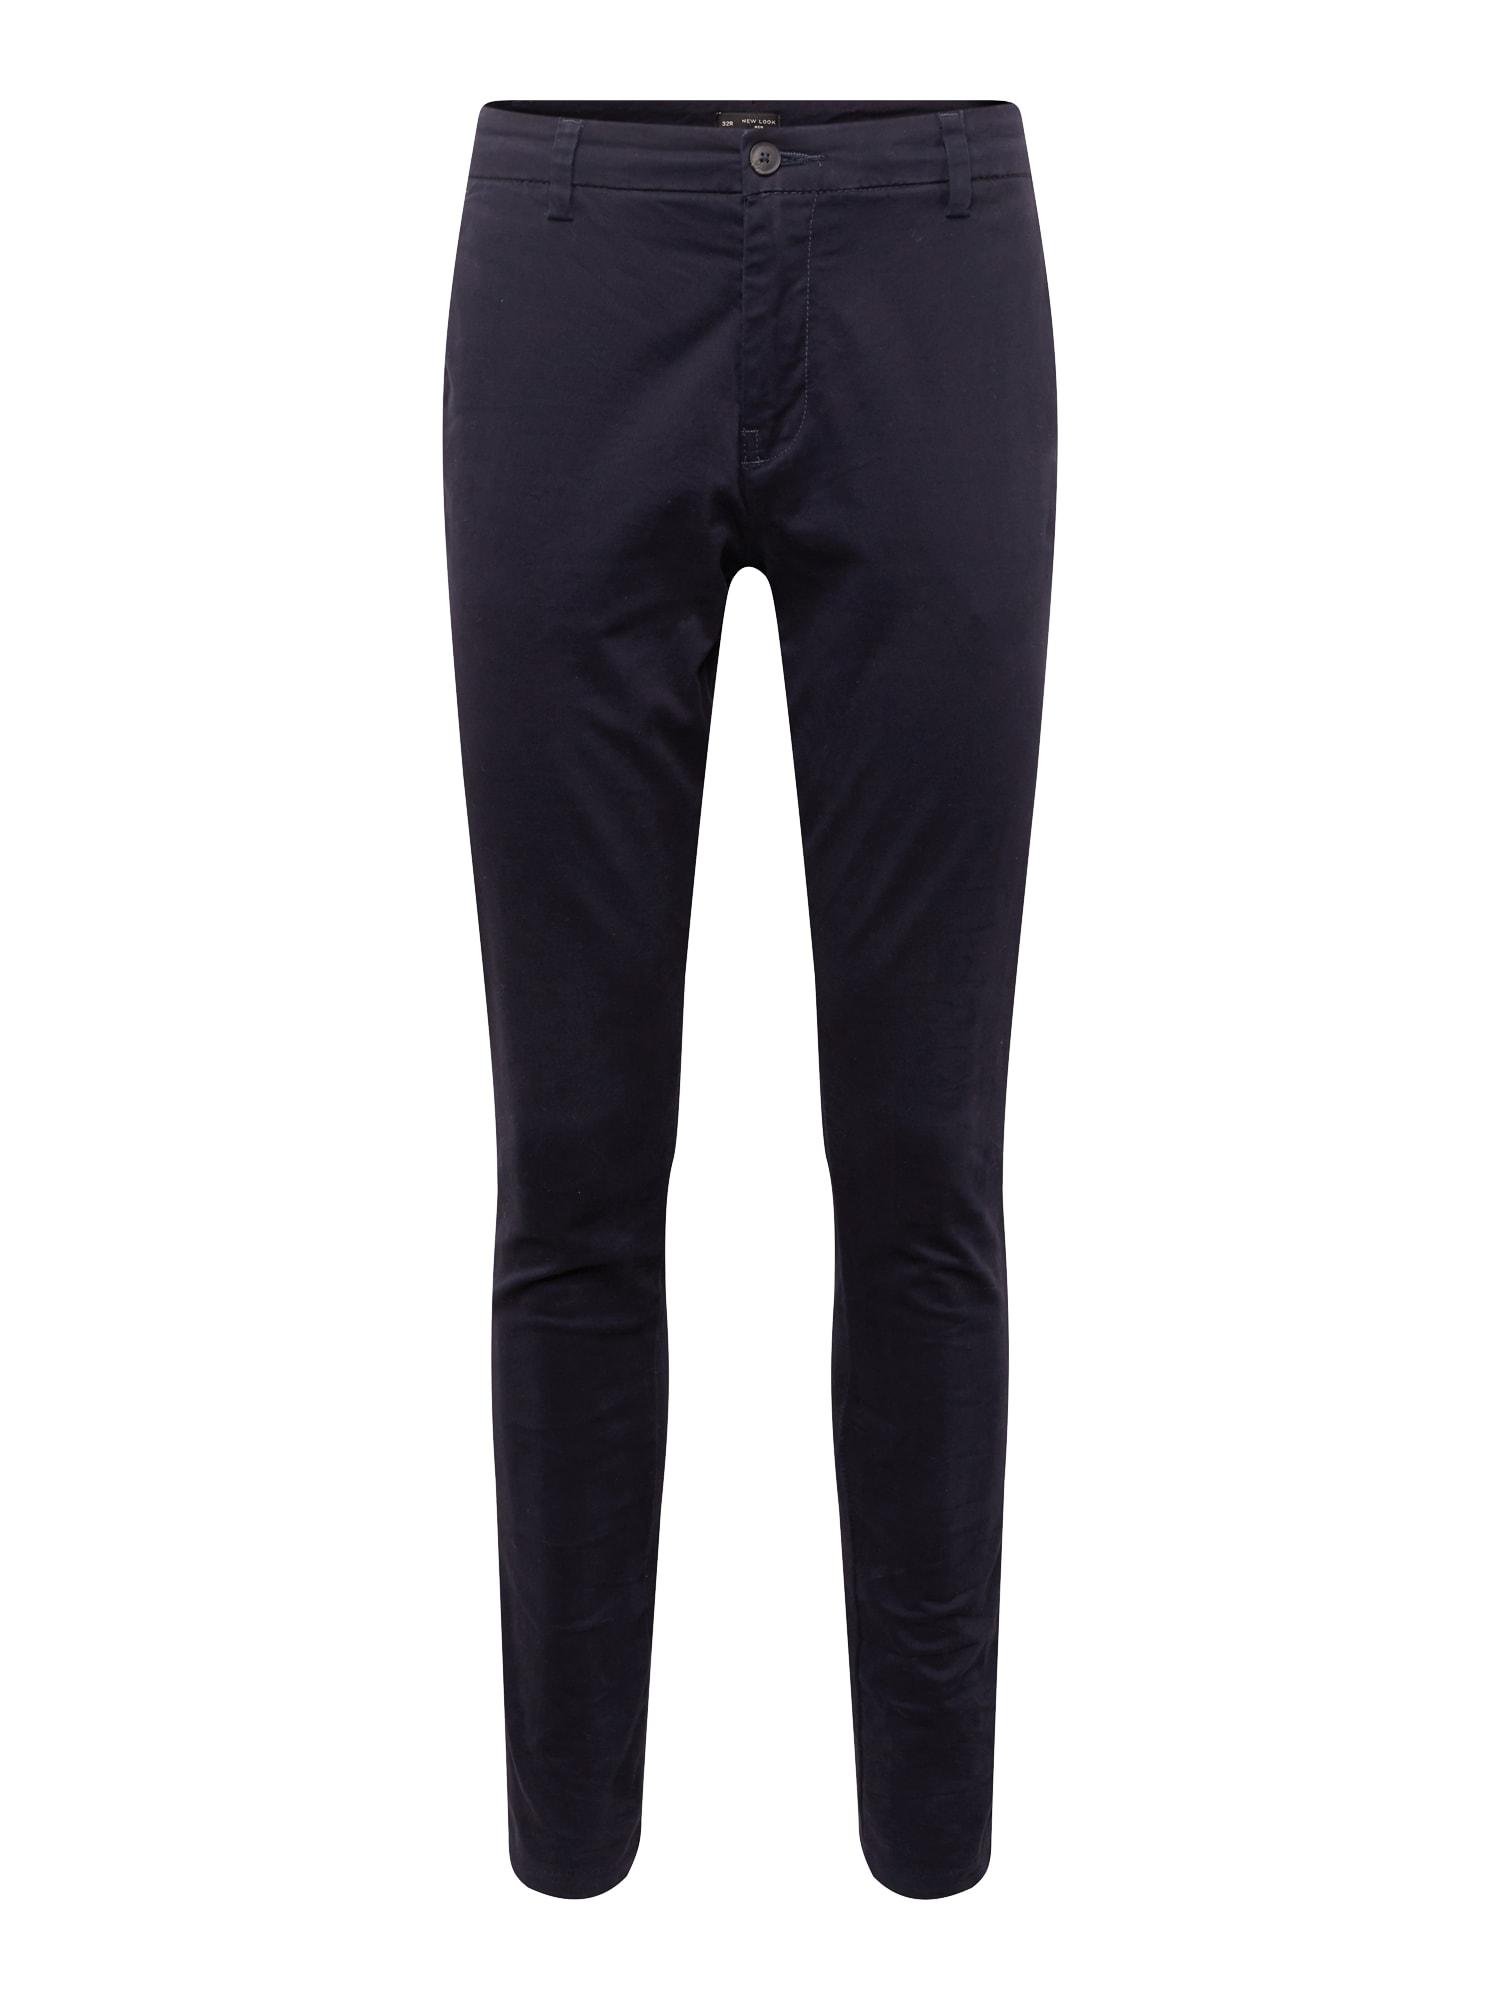 Chino kalhoty STRETCH SKINNY CHINO námořnická modř NEW LOOK